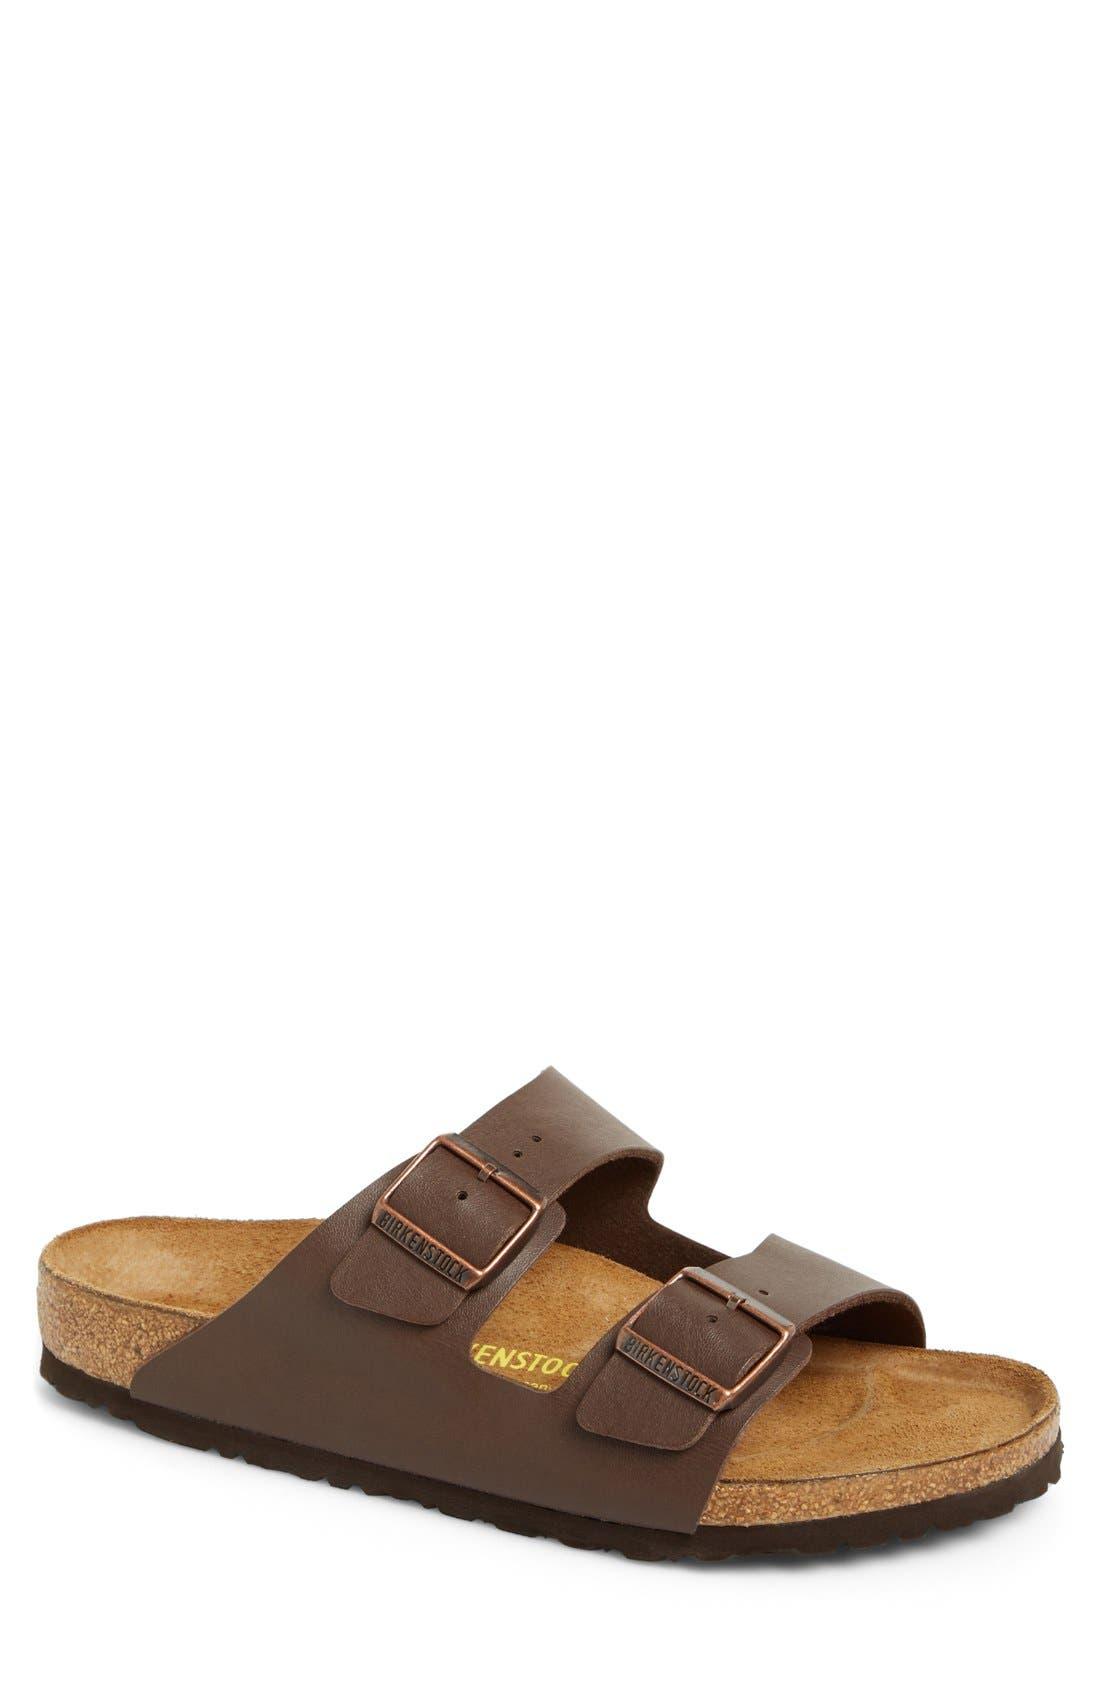 'Arizona' Slide Sandal,                             Main thumbnail 1, color,                             Dark Brown